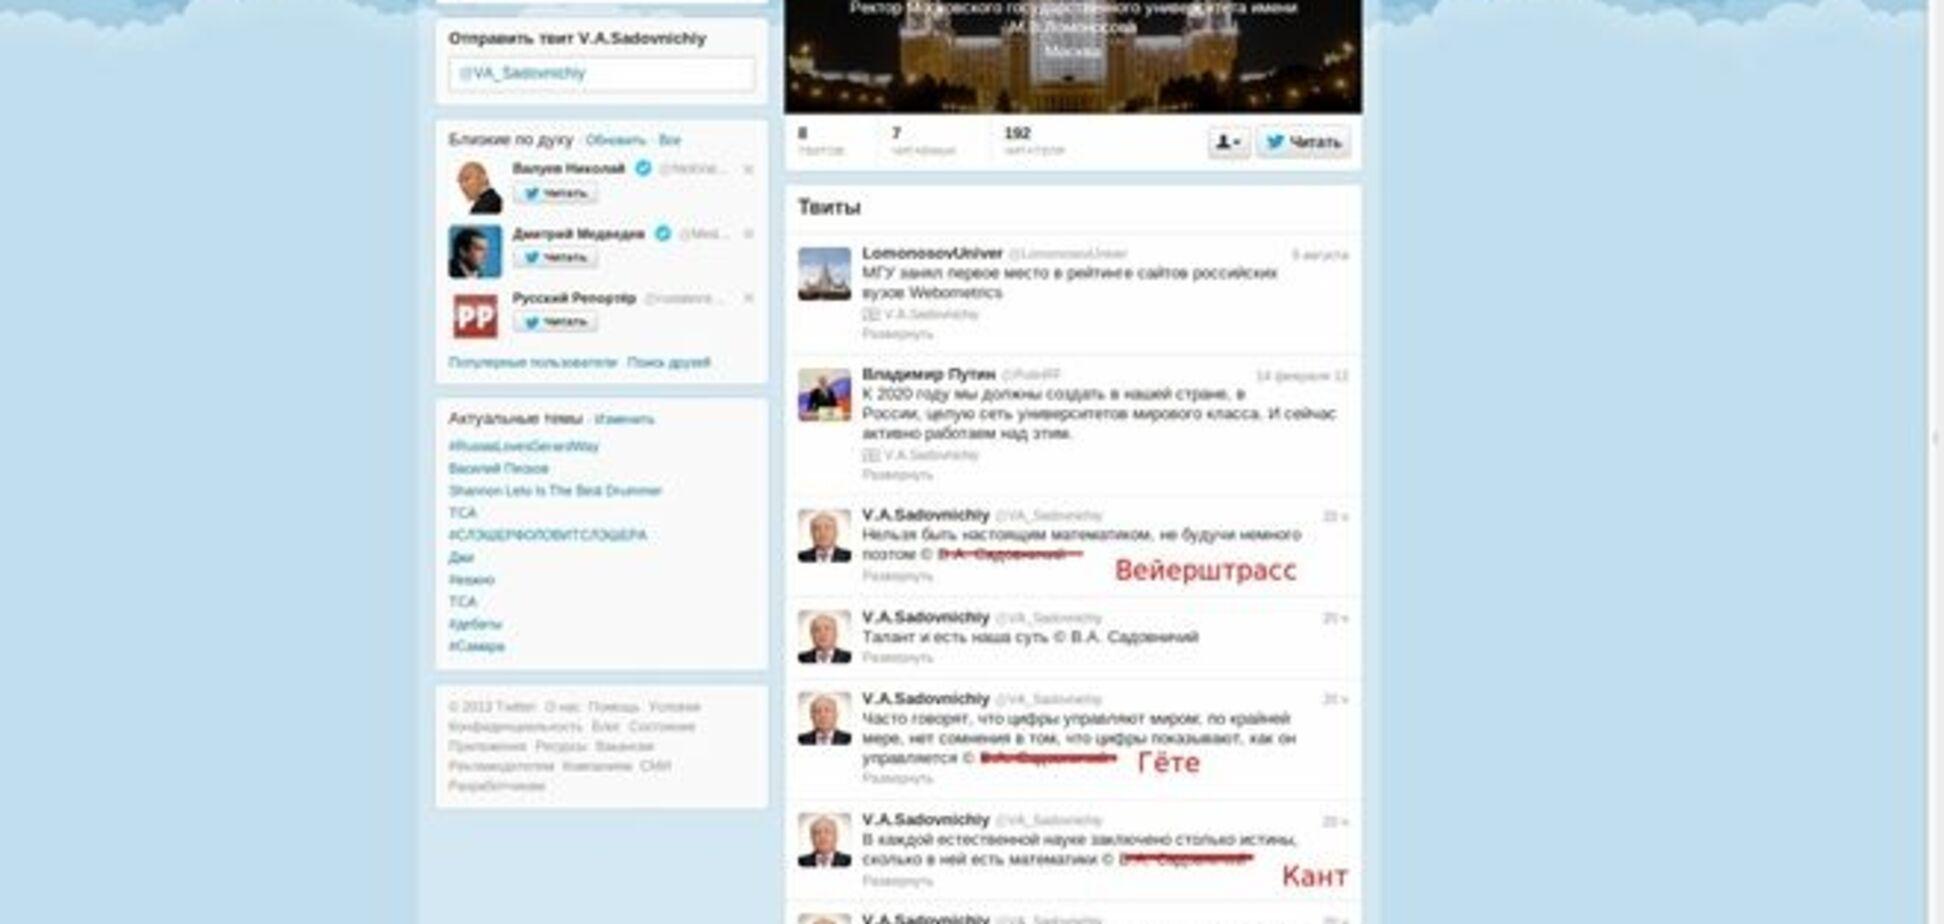 Ректора МГУ поймали на плагиате в Twitter